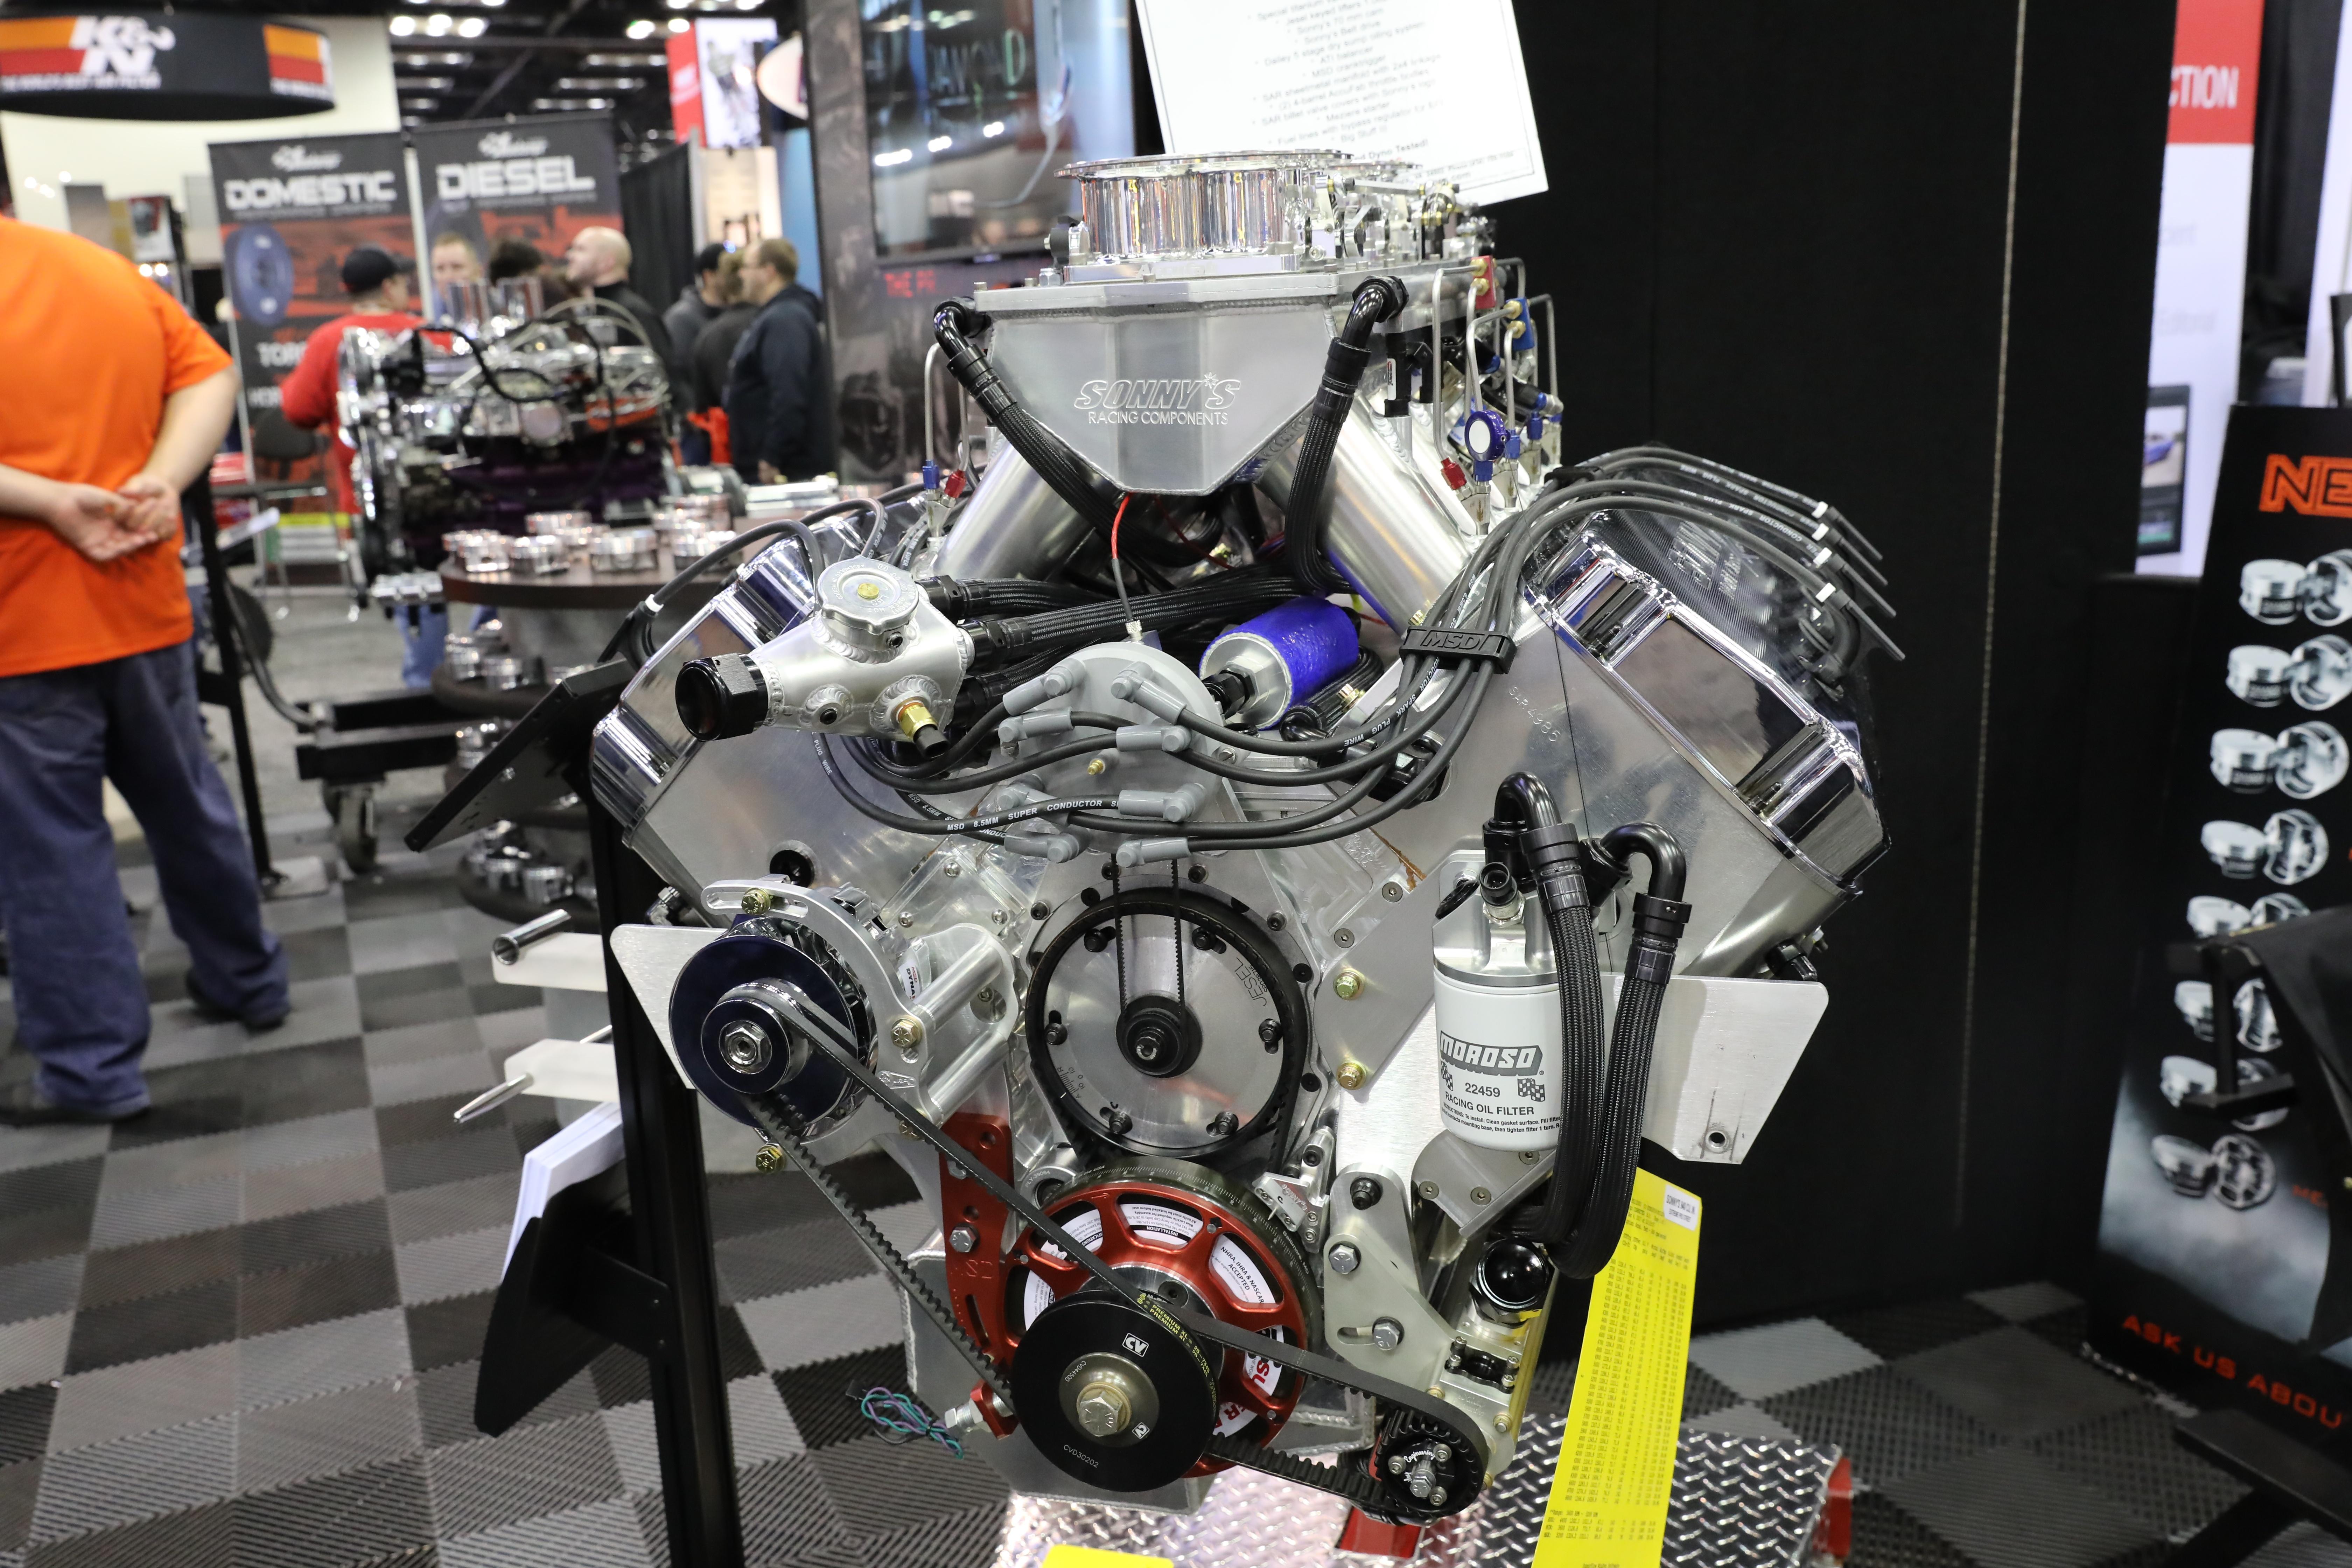 002-Diamond-engines-booth-PRI.jpg